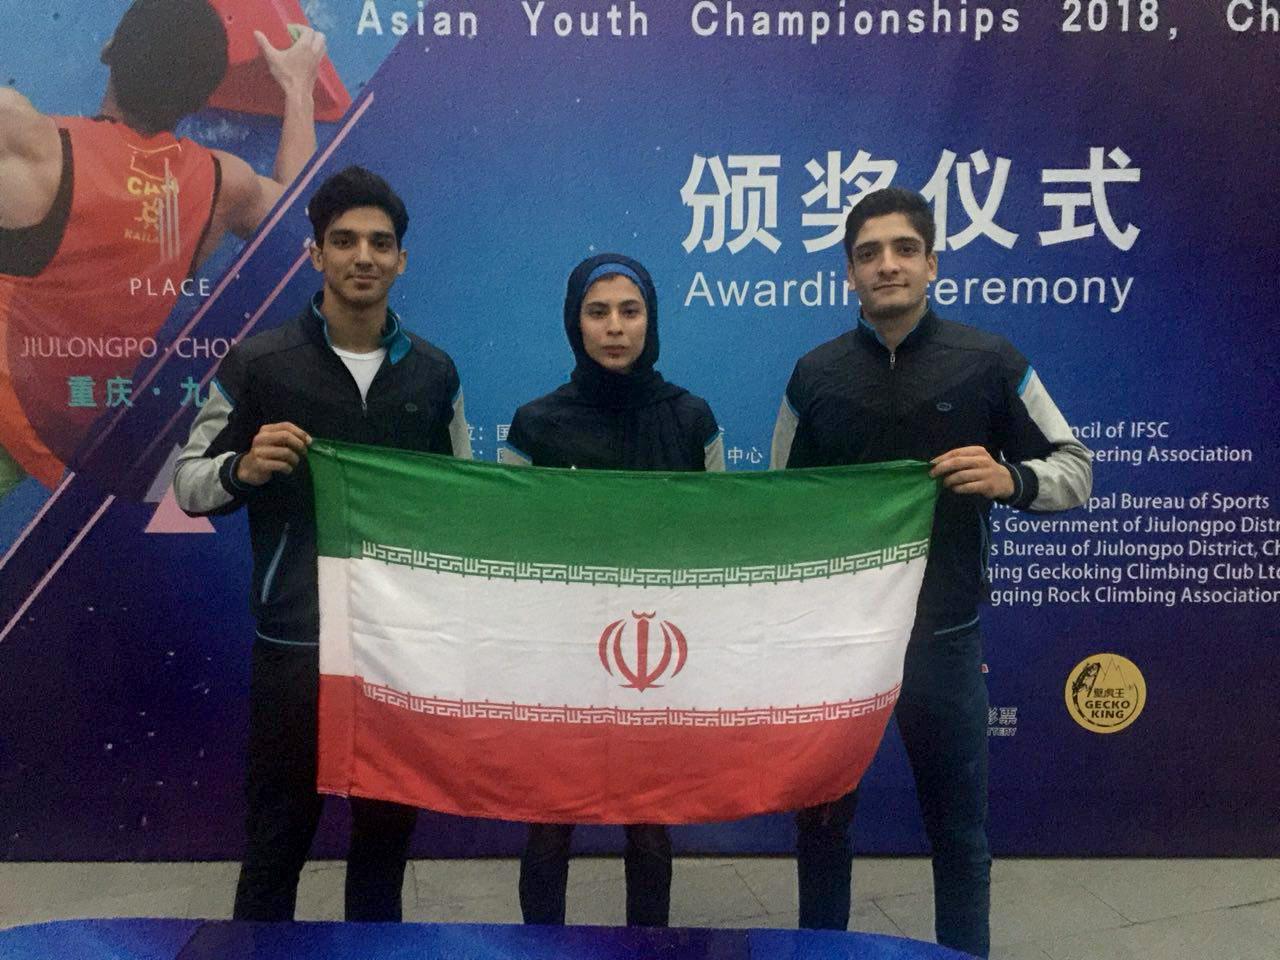 سنگ نوردی نوجوانان و جوانان آسیا / محیا دارابیان ؛ دختر طلایی ایران در آسیا